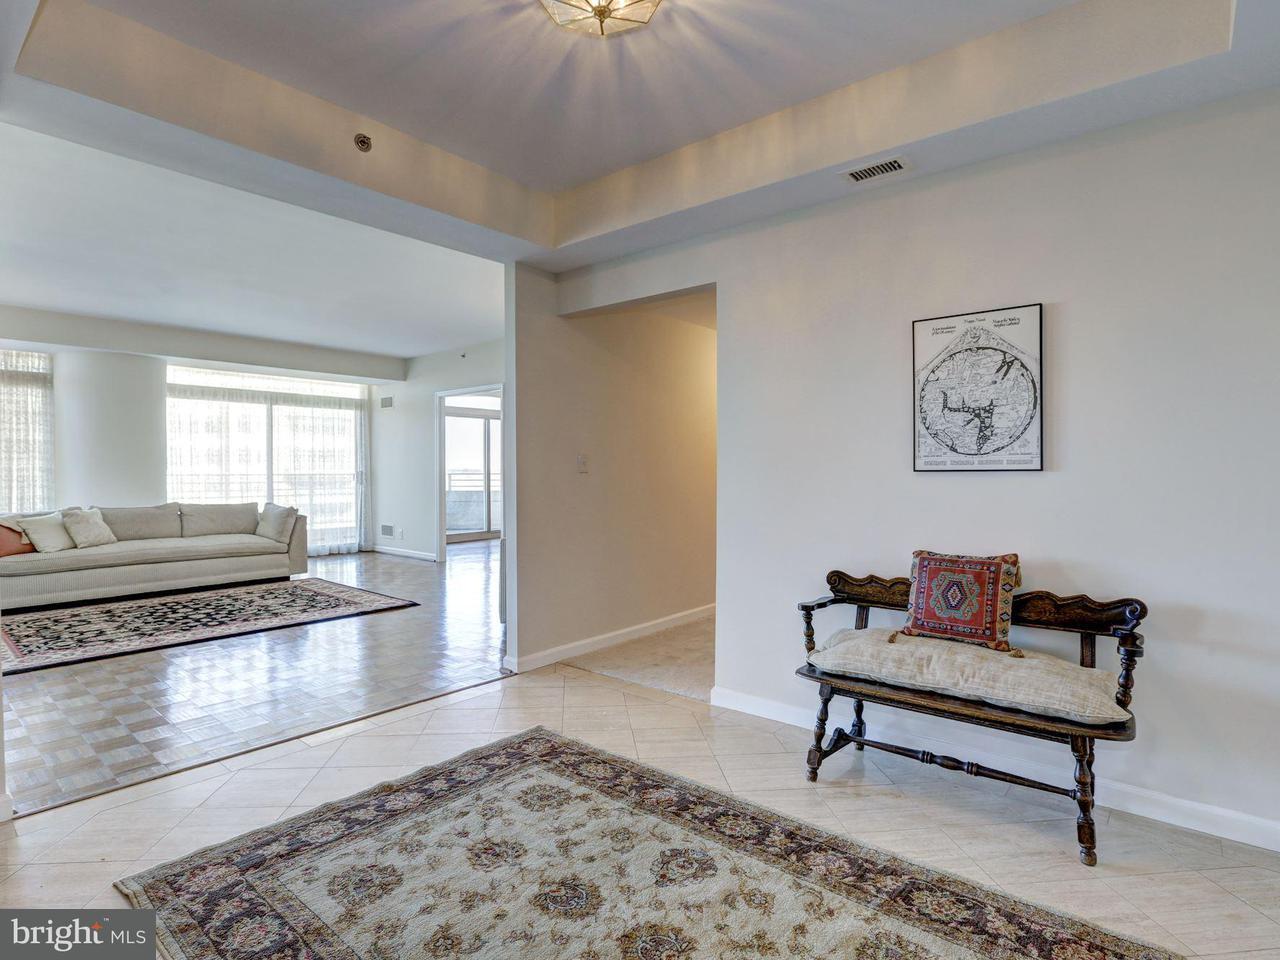 Eigentumswohnung für Verkauf beim 5610 Wisconsin Ave #1609 5610 Wisconsin Ave #1609 Chevy Chase, Maryland 20815 Vereinigte Staaten